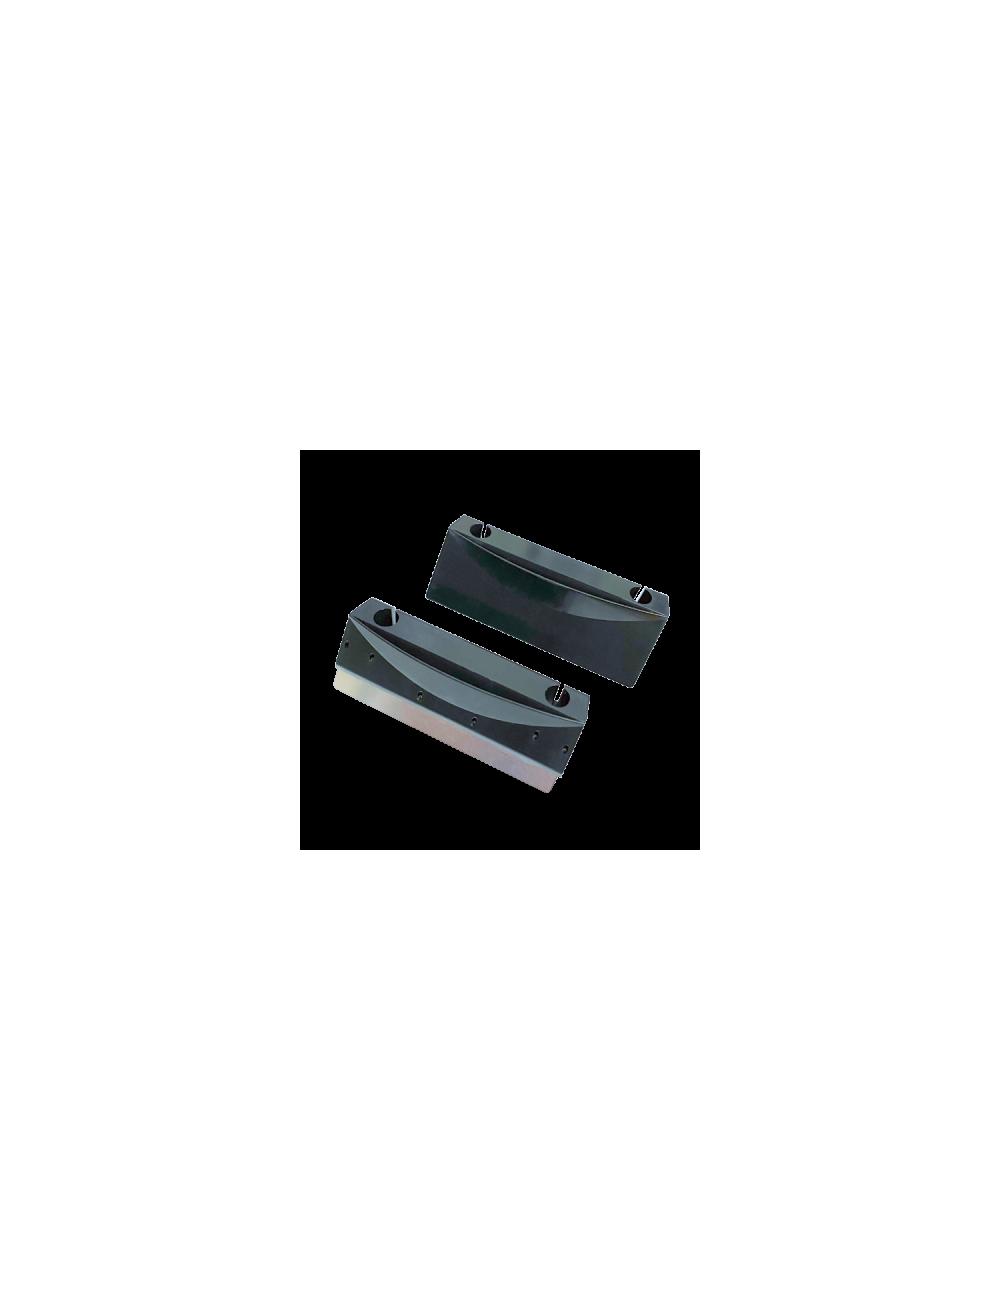 D-D - Bladerunner Replacement Metal Blades - 2 pièces - Lame metal de rechange